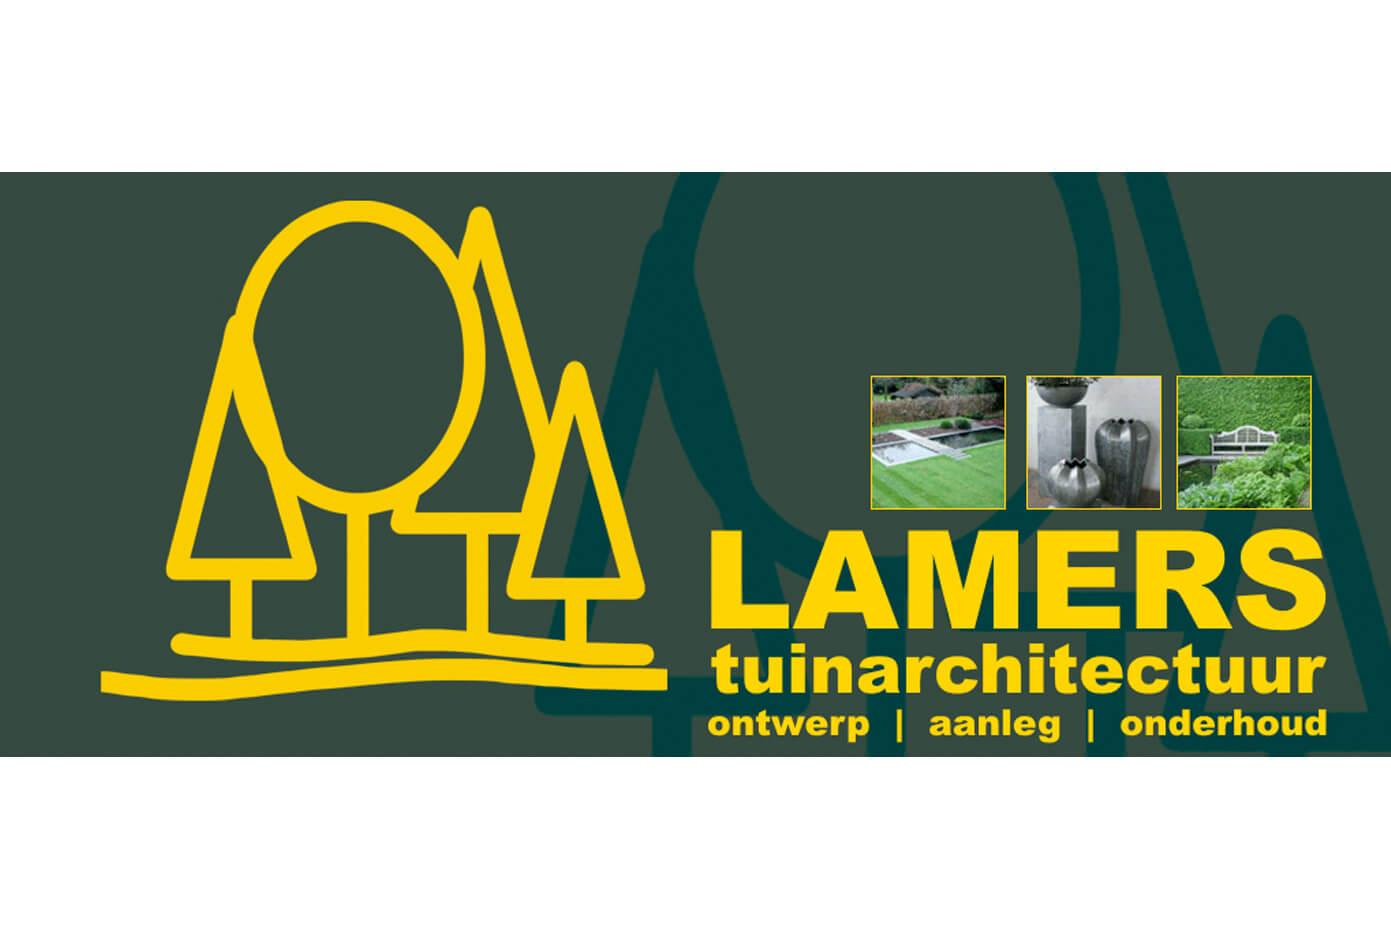 Tuinarchitectuur Lamers